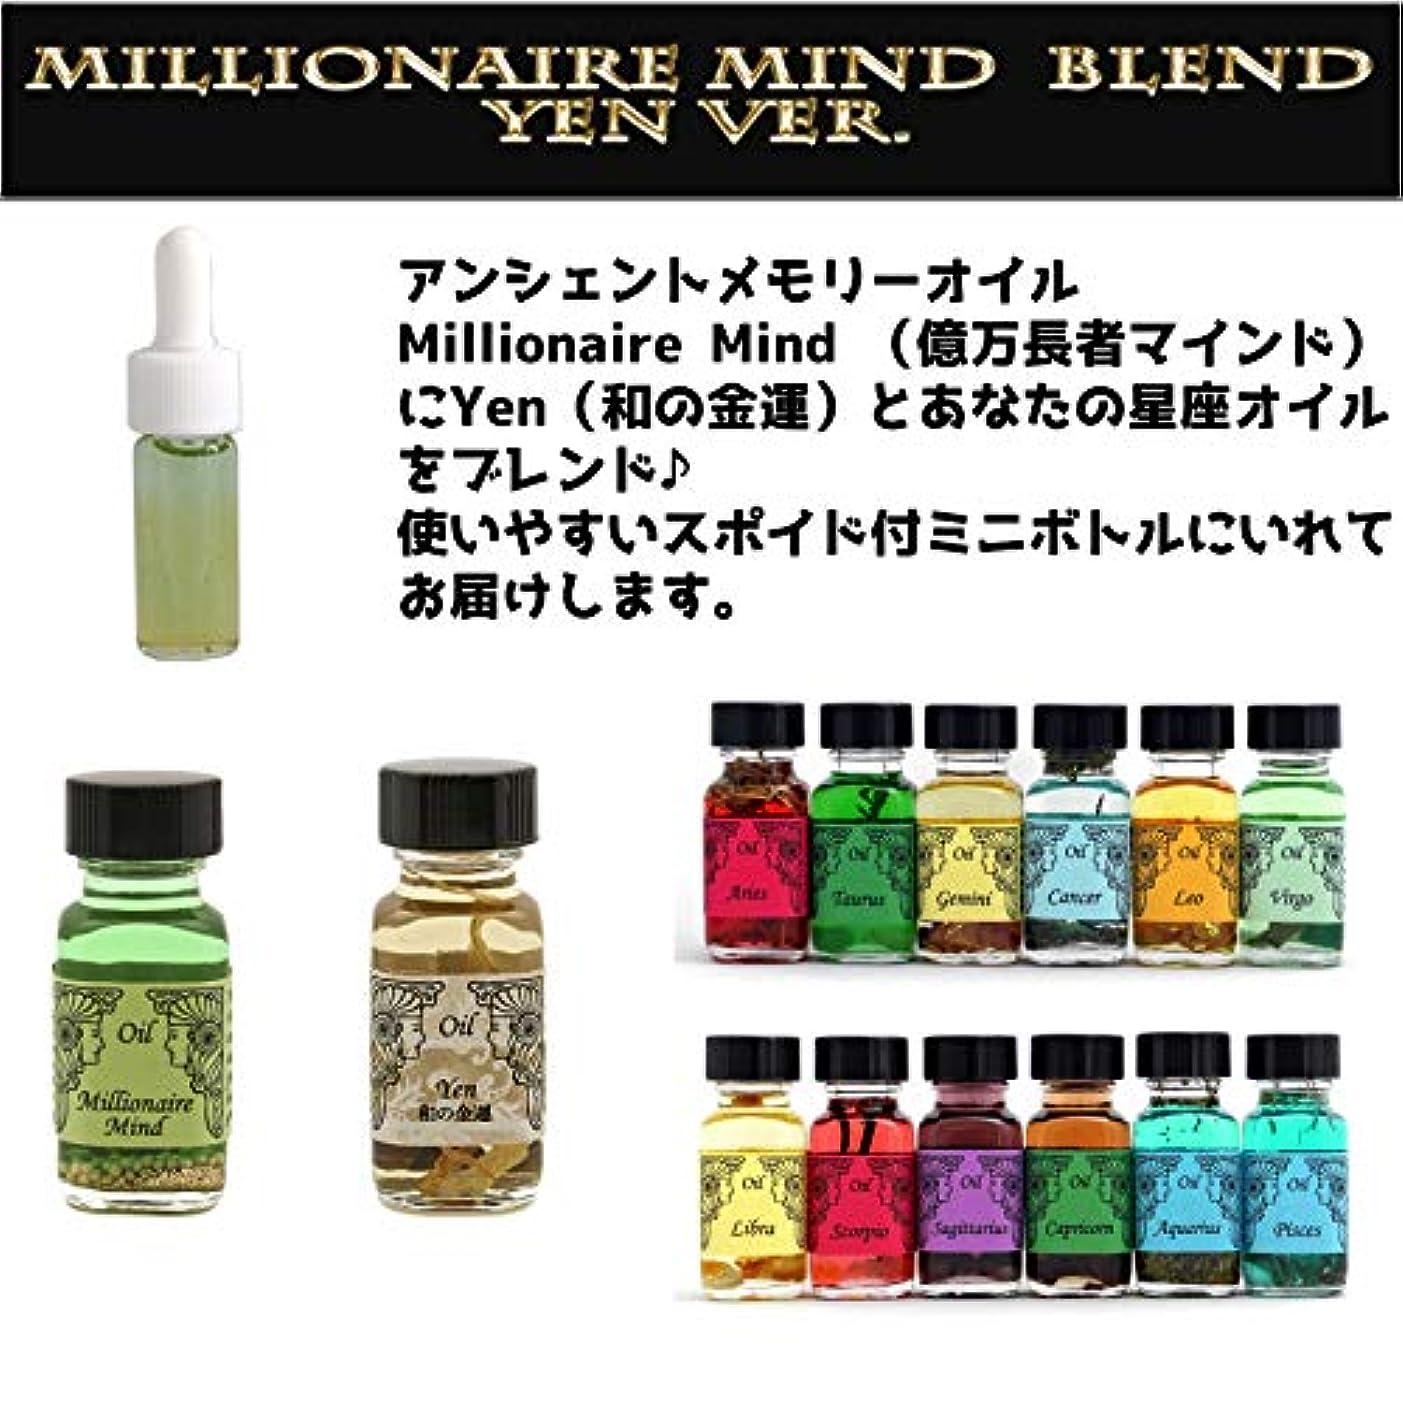 してはいけない晩餐マガジンアンシェントメモリーオイル Millionaire Mind 億万長者マインド ブレンド【Yen 和の金運&みずがめ座】